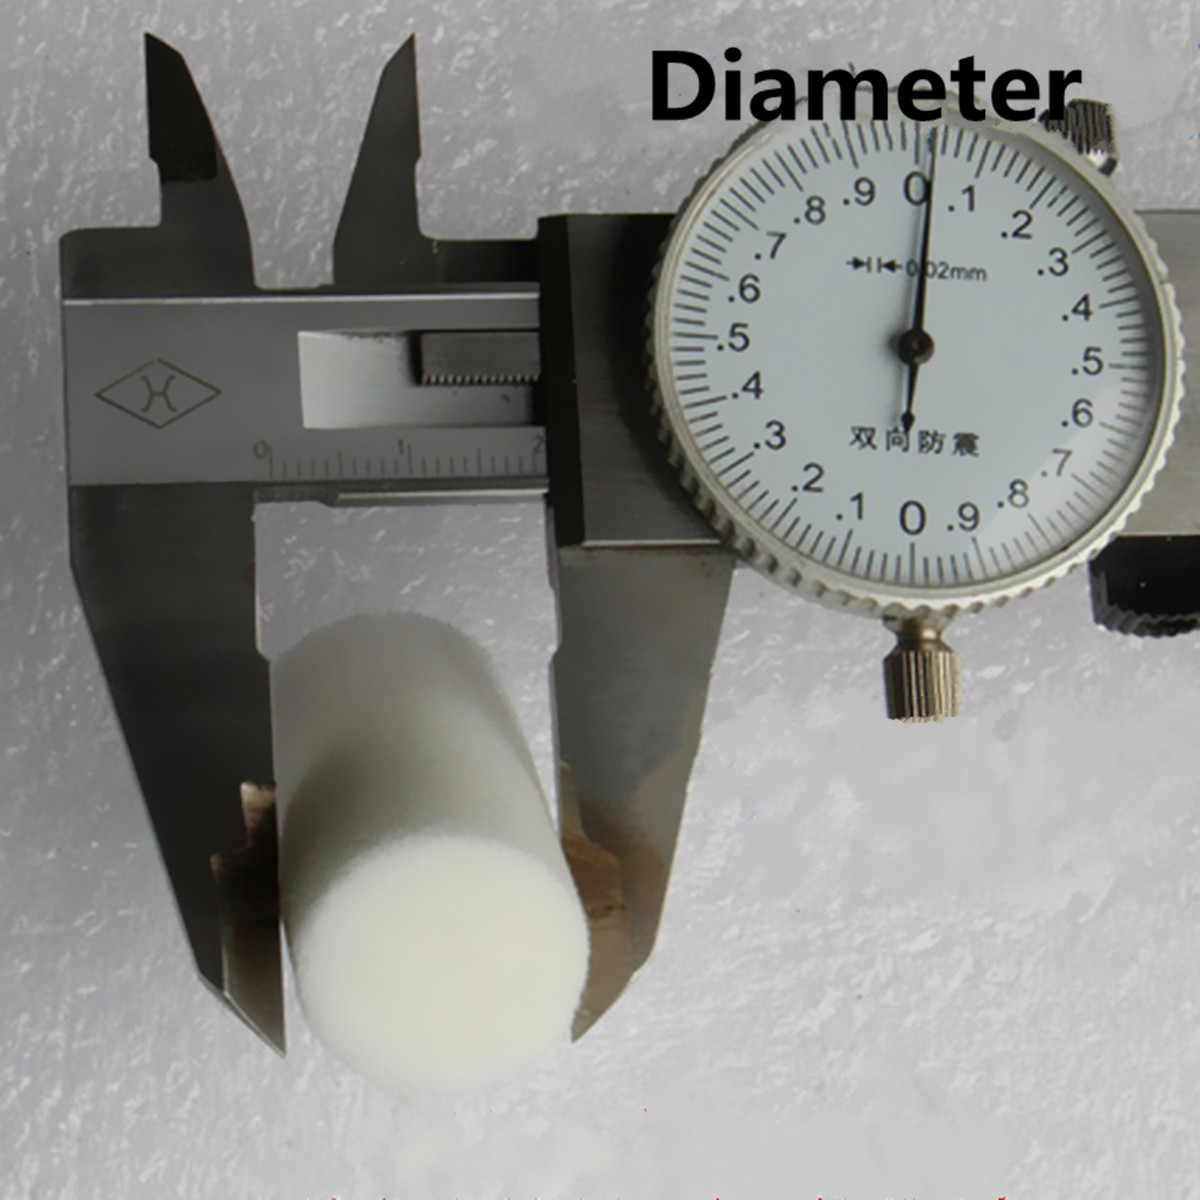 50MPa العالمي مضخة عالية الضغط فاصل الألياف القطن ABS البلاستيك النحاس 5x فلتر لنظام PCP ضاغط الهواء